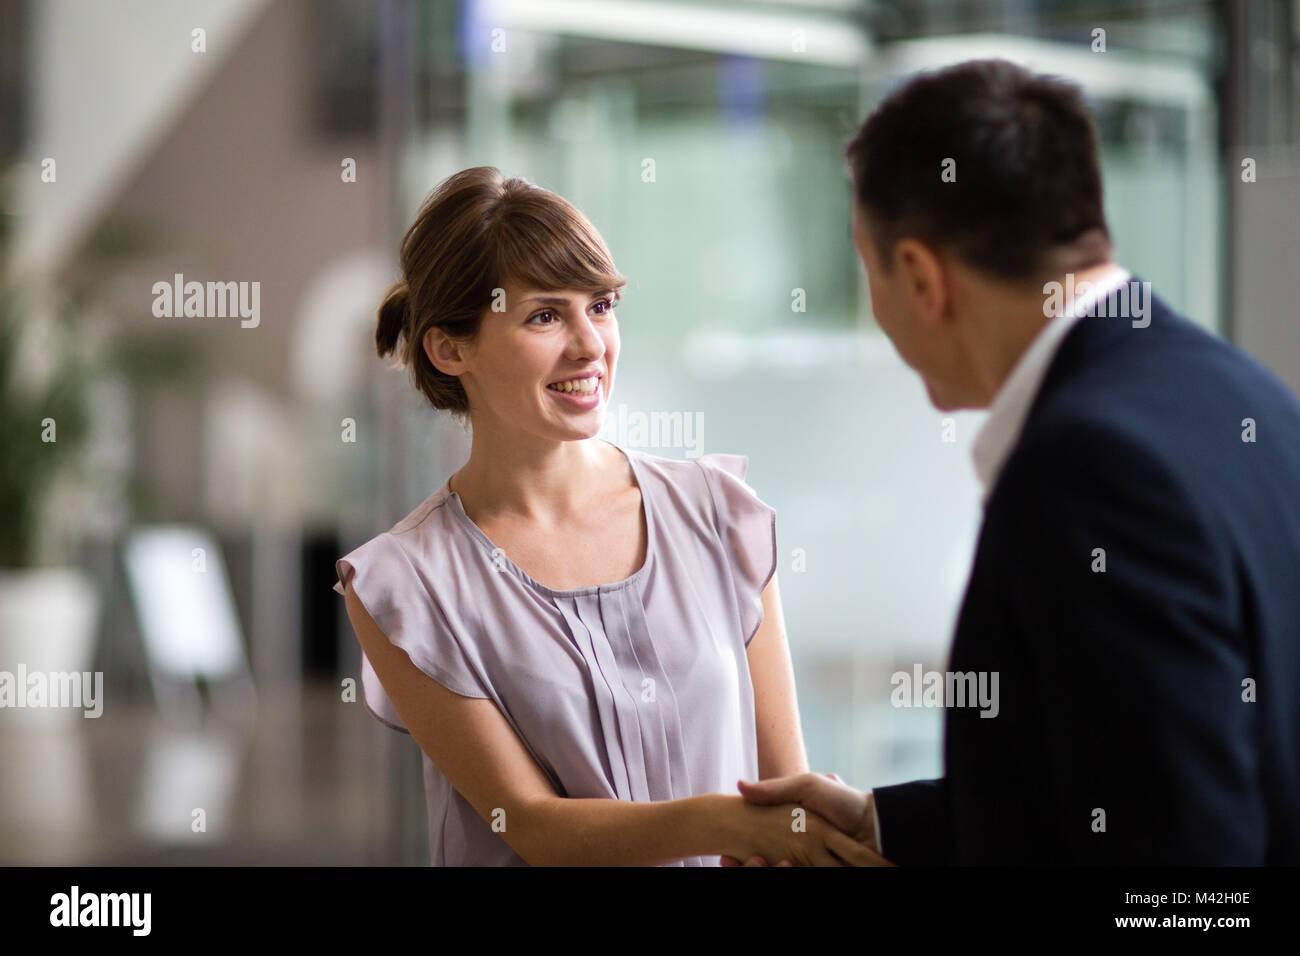 Jeune femme businesswoman offert un emploi Photo Stock